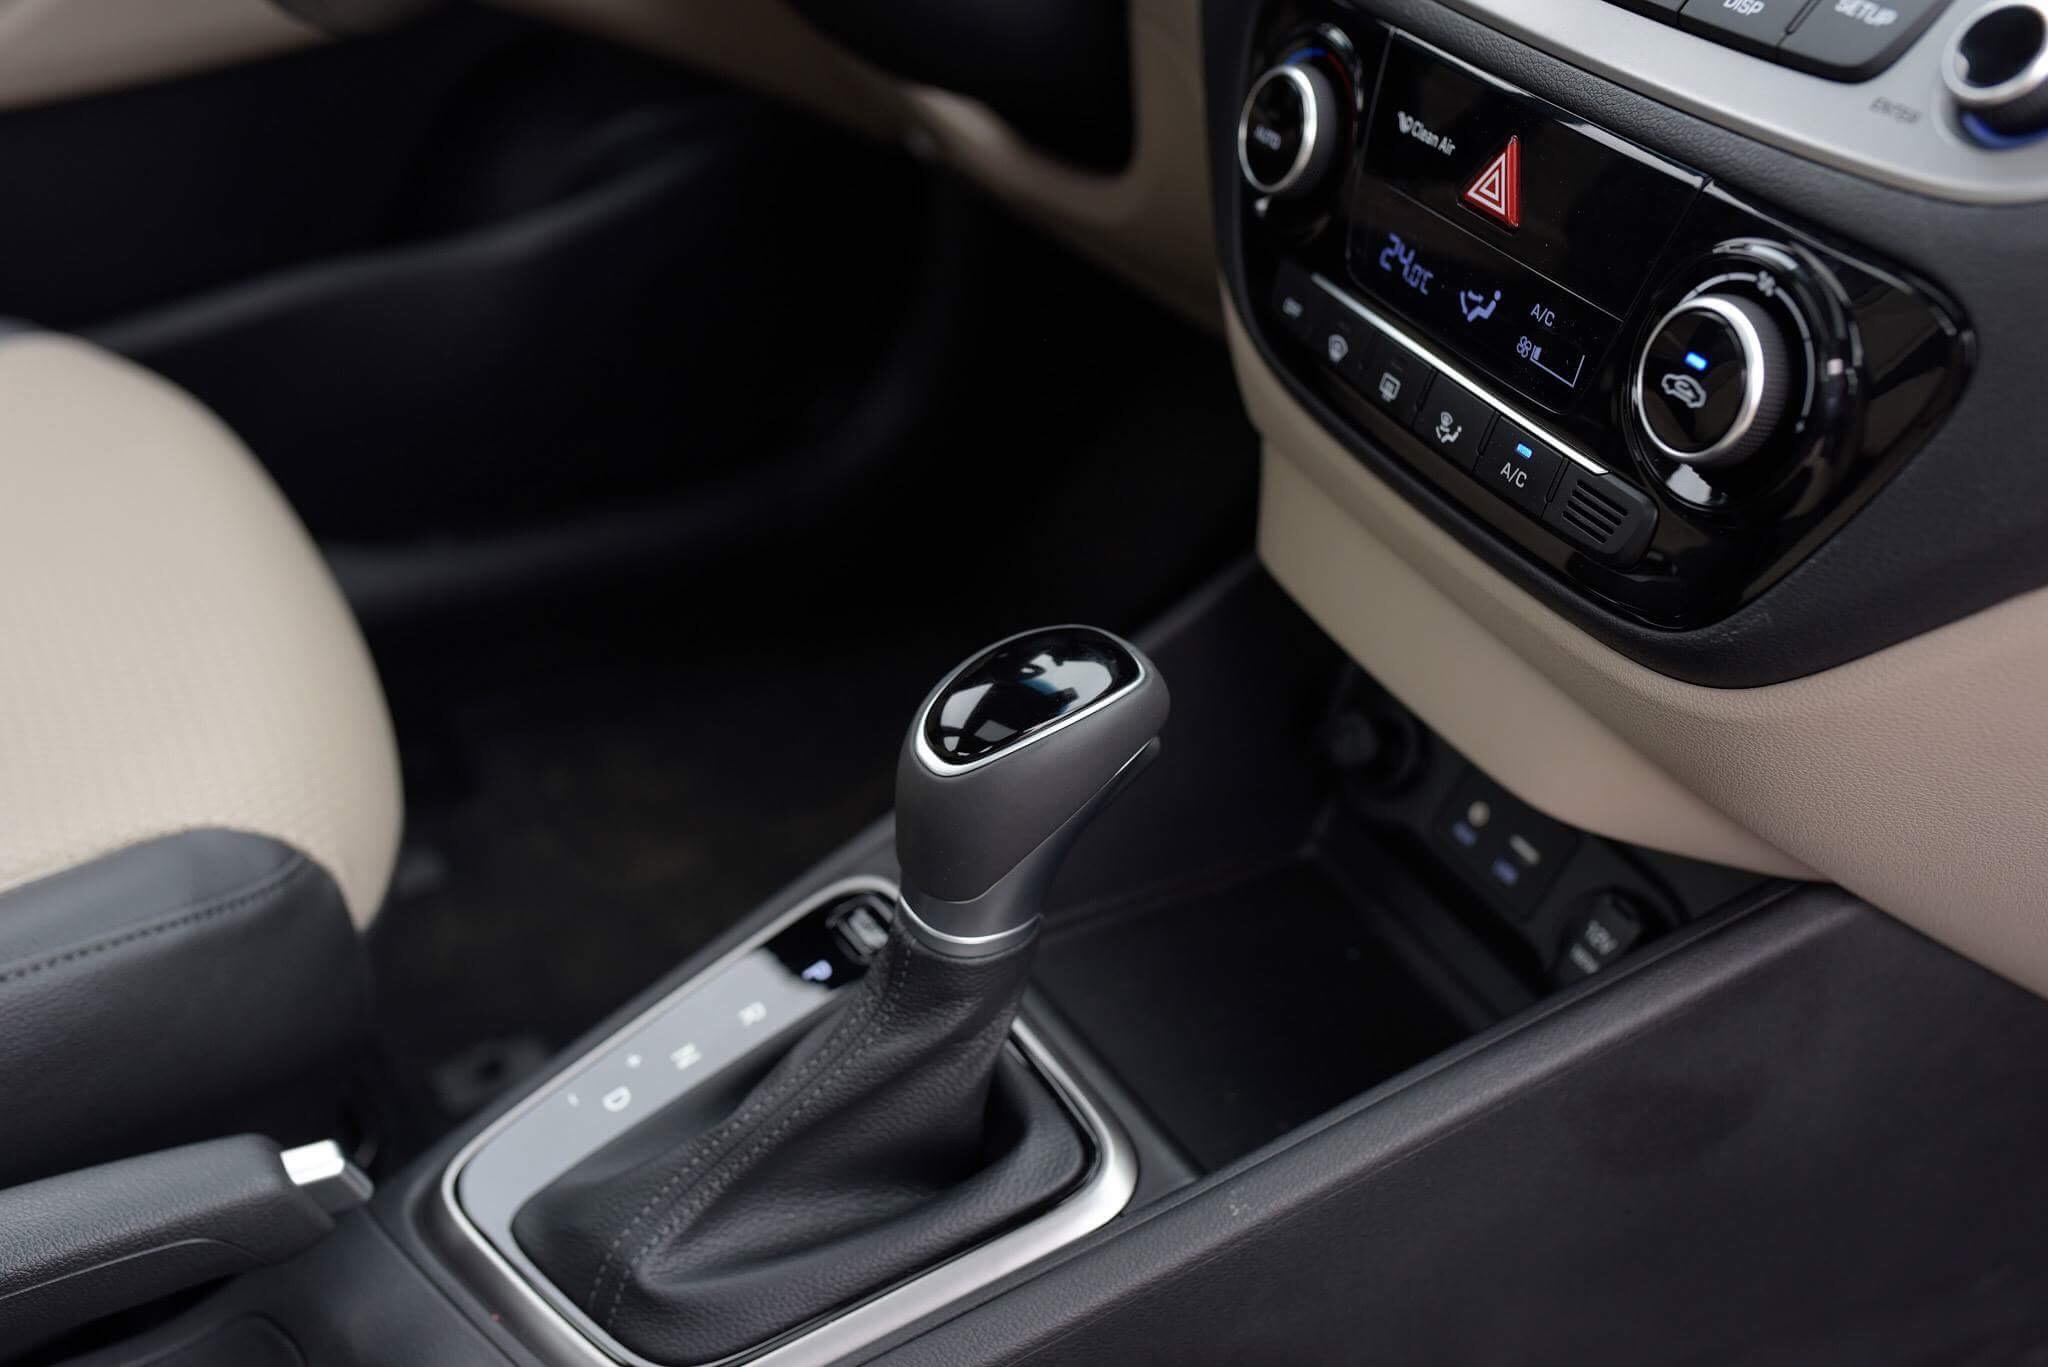 Hyundai accent anh 36 - Hyundai Accent mới: giá xe và khuyến mãi tháng [hienthithang]/[hienthinam]